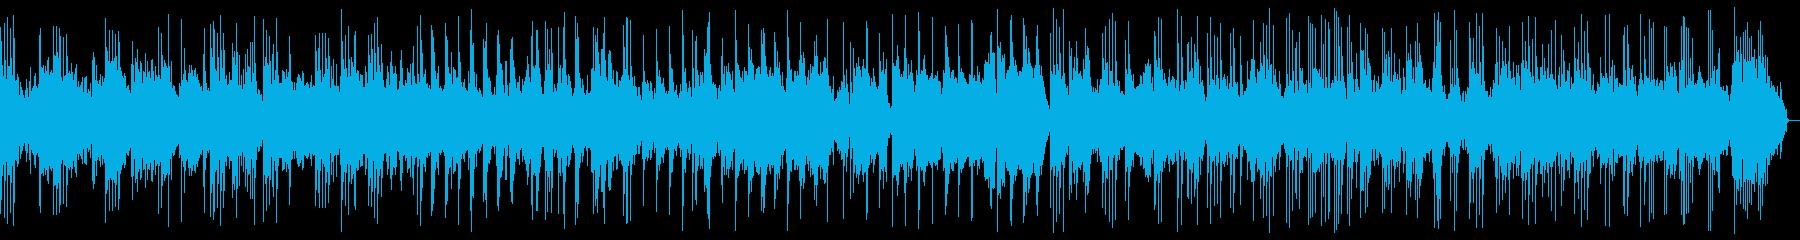 穏やかなピアノバラード_効果音なしの再生済みの波形